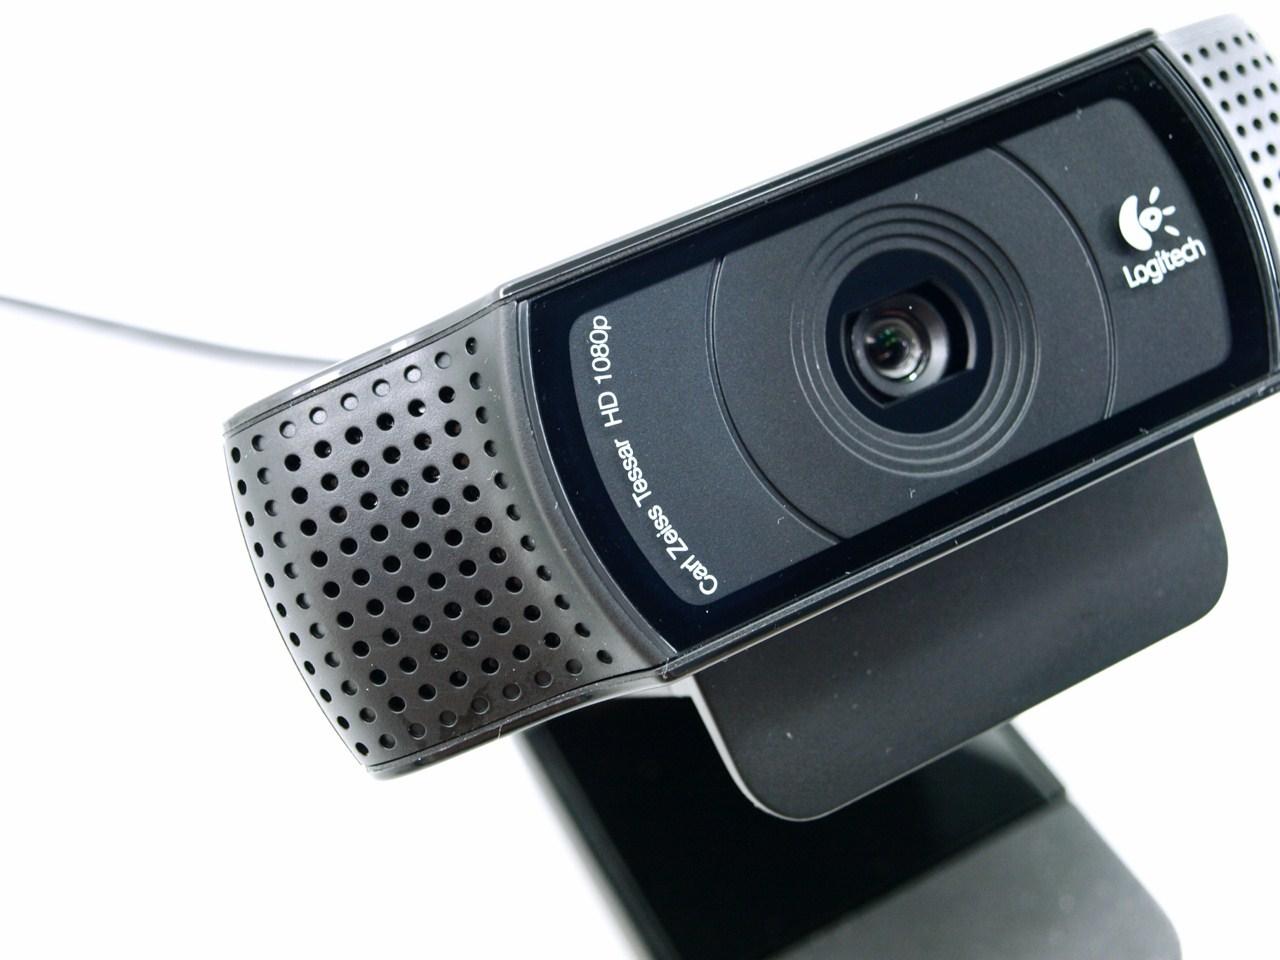 Logitech Carl Zeiss Tessar Hd 1080p Driver Download